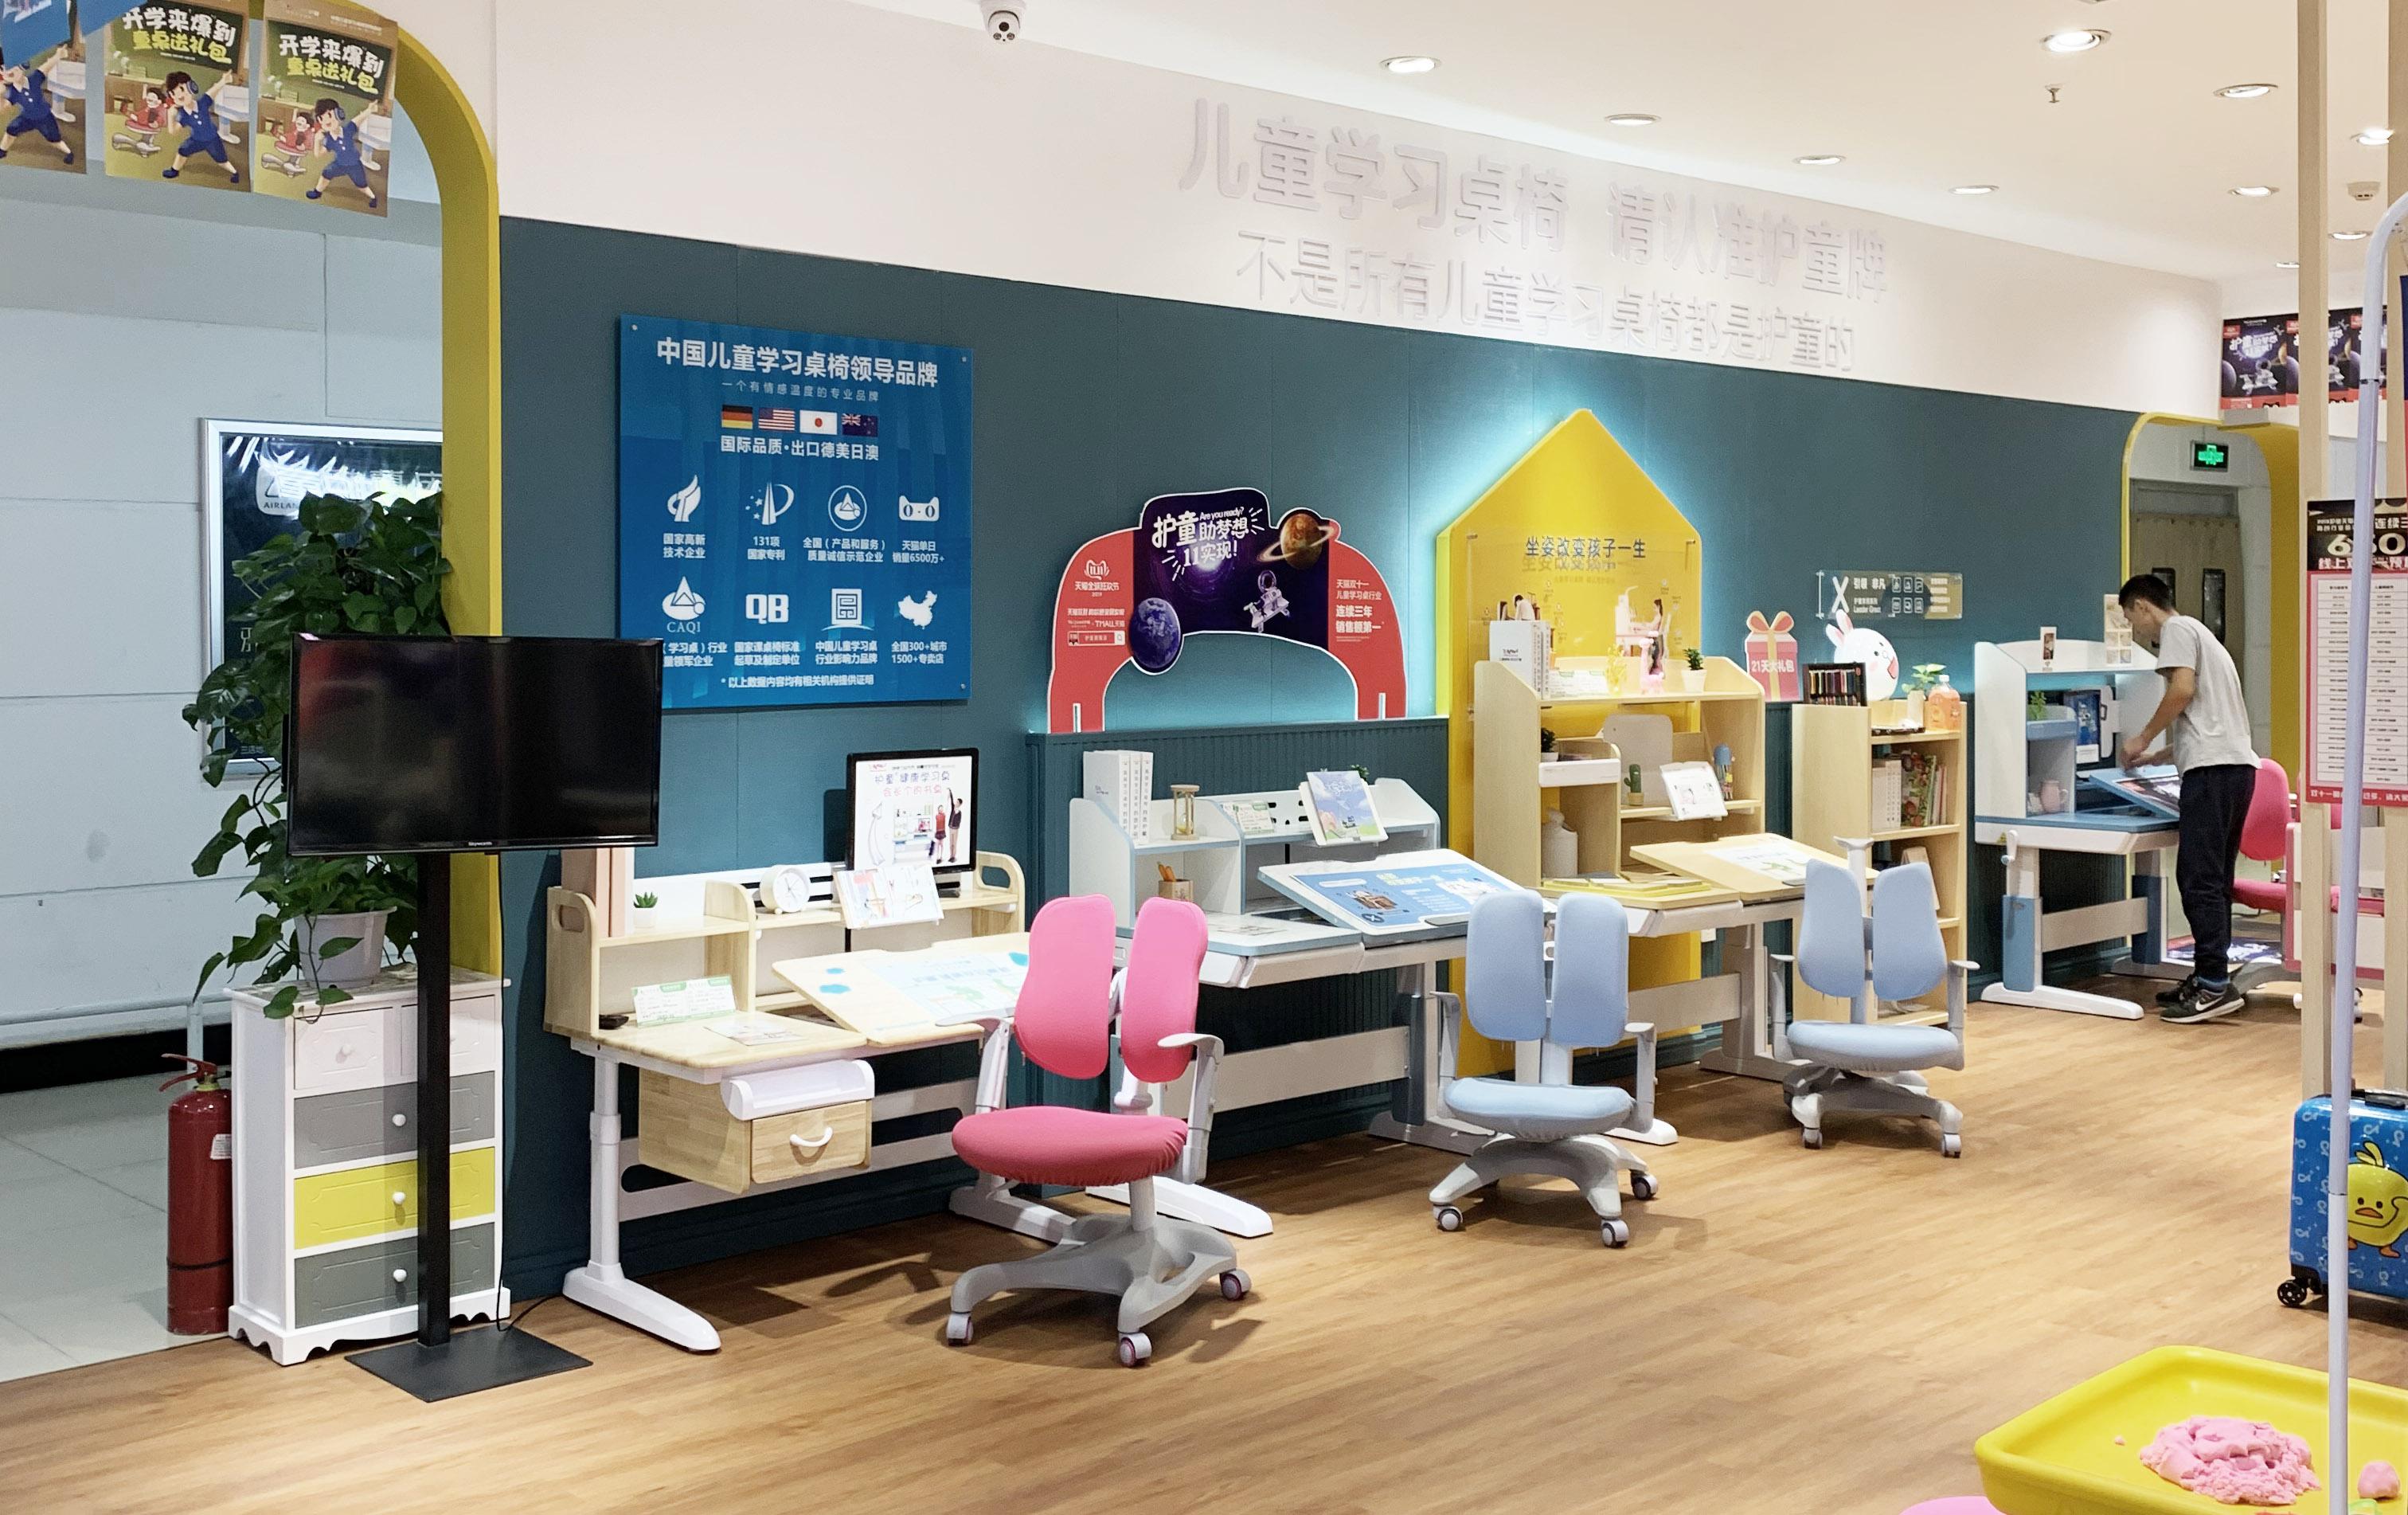 热烈祝贺护童第2169家长春欧亚卖场护童专柜盛大开业!